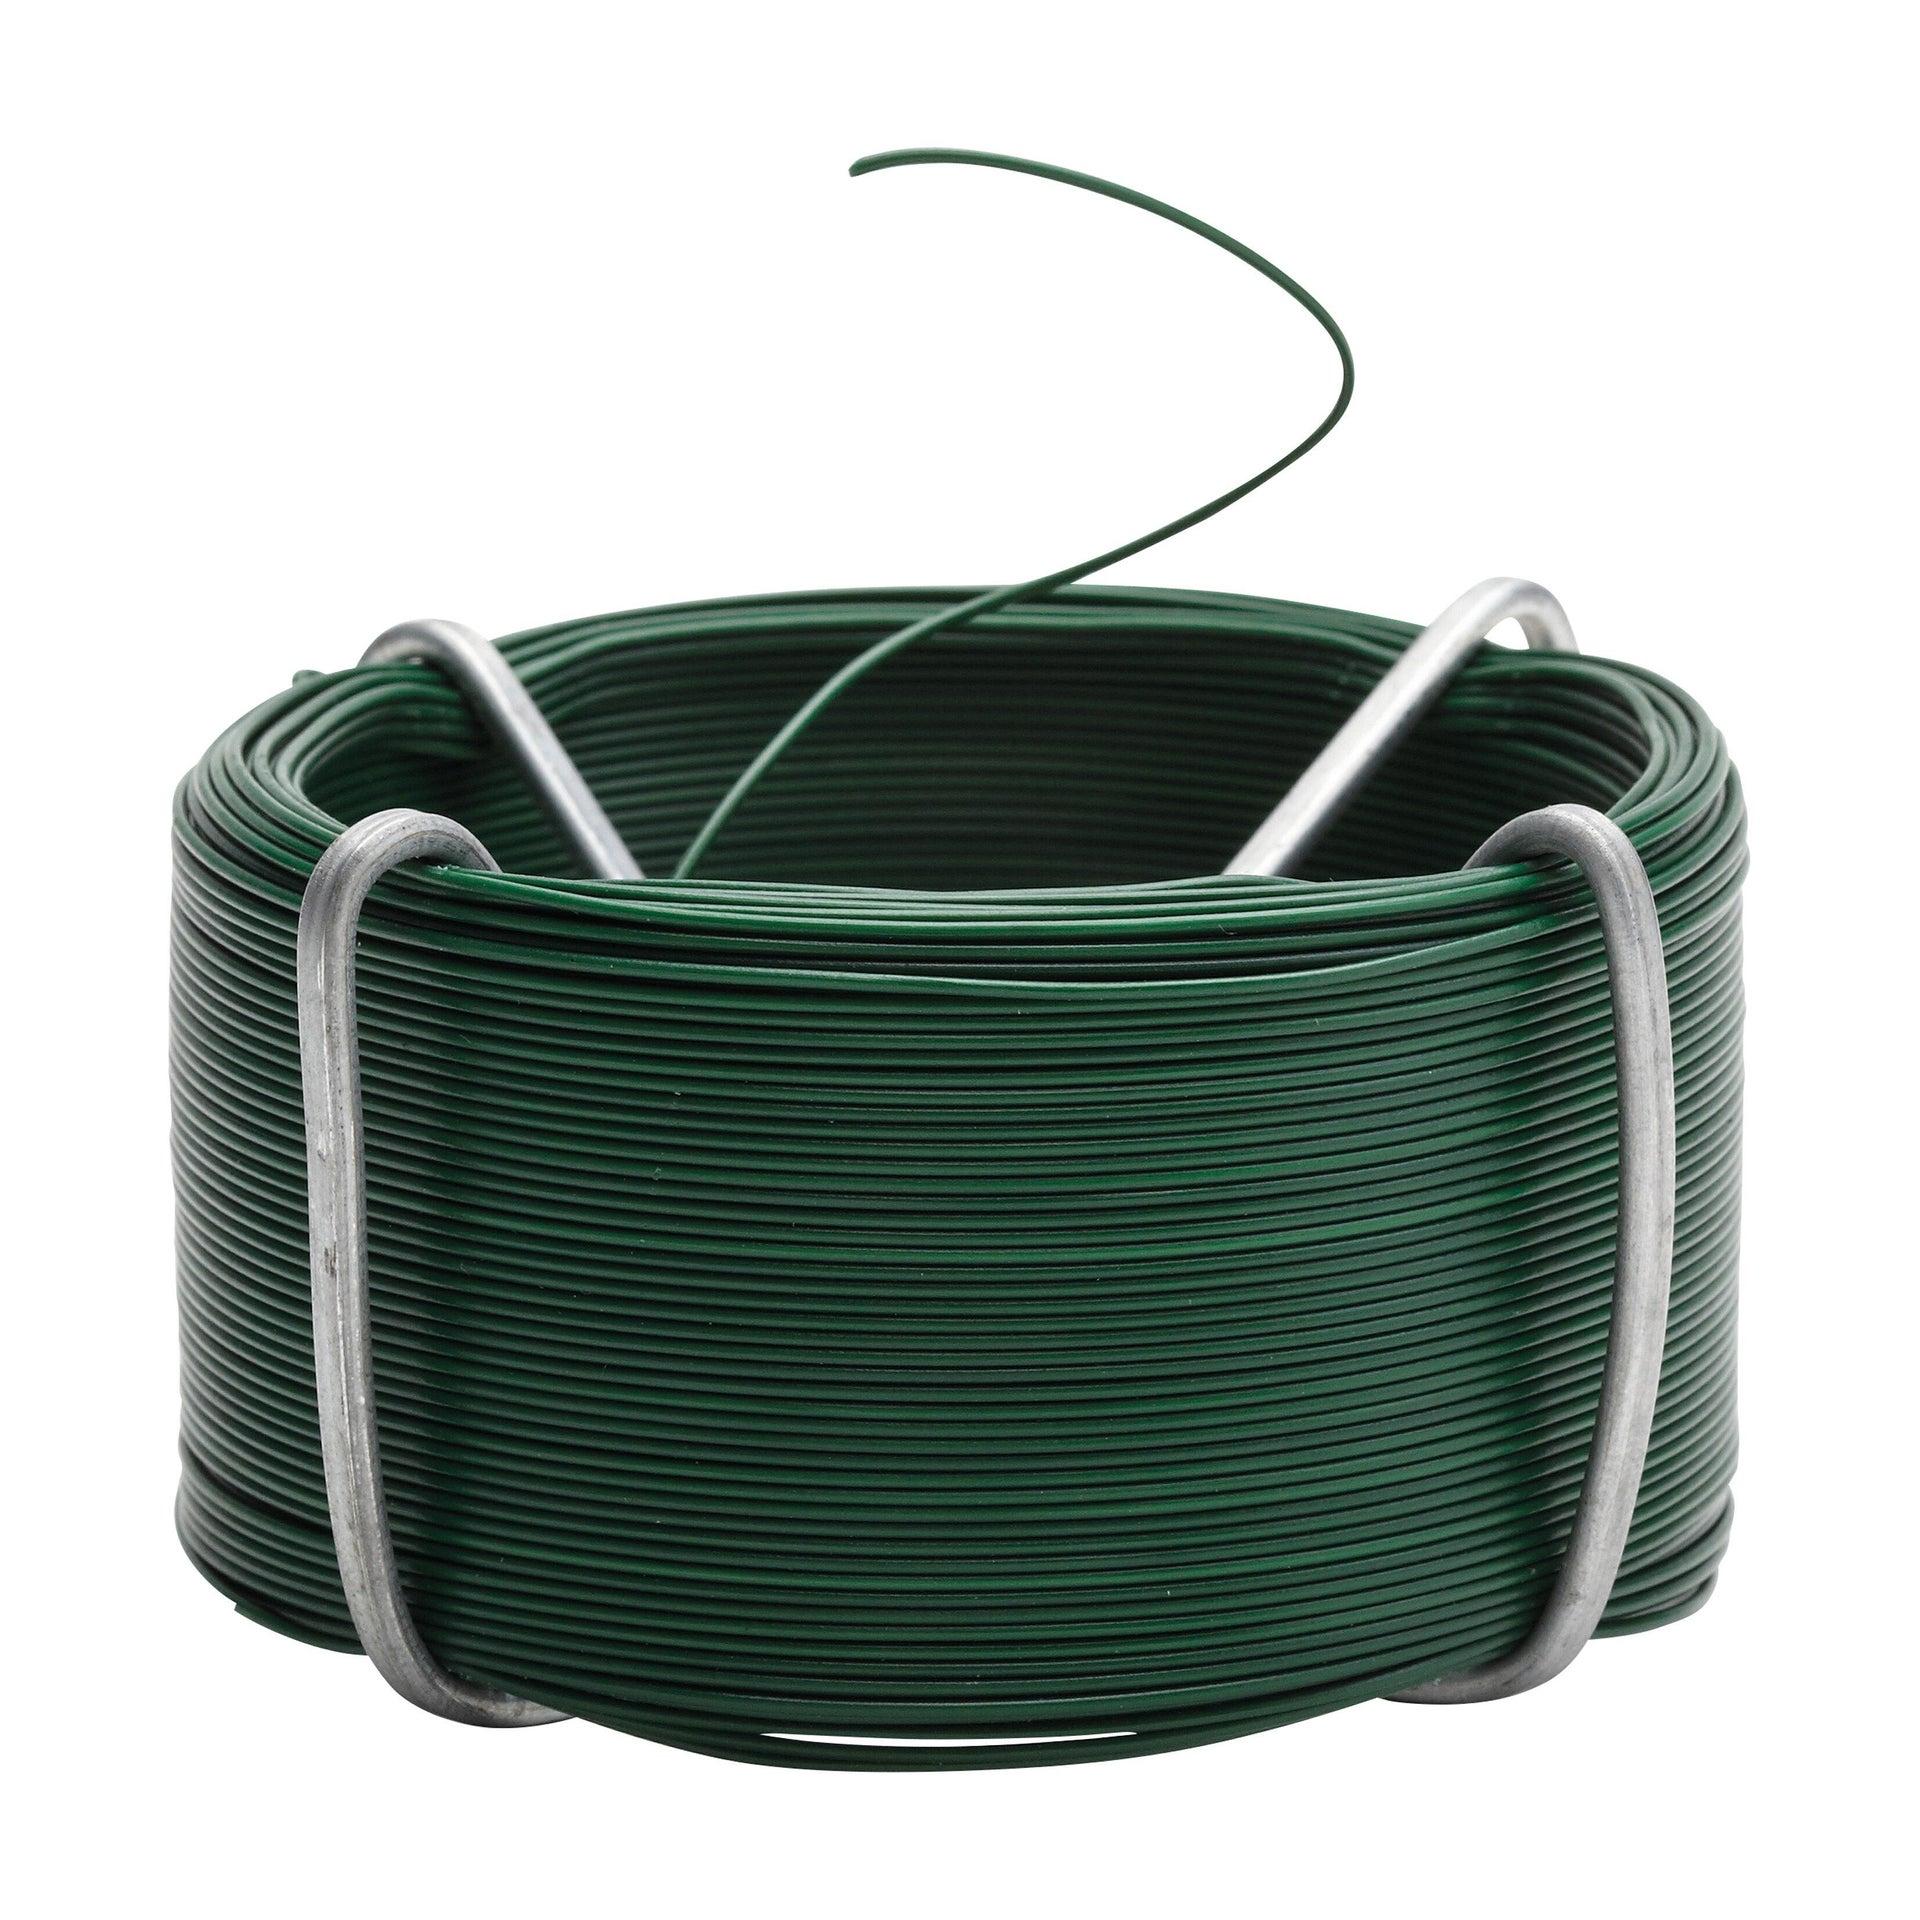 Filo in acciaio STANDERS Ø 1.4 mm x L 30 m - 9